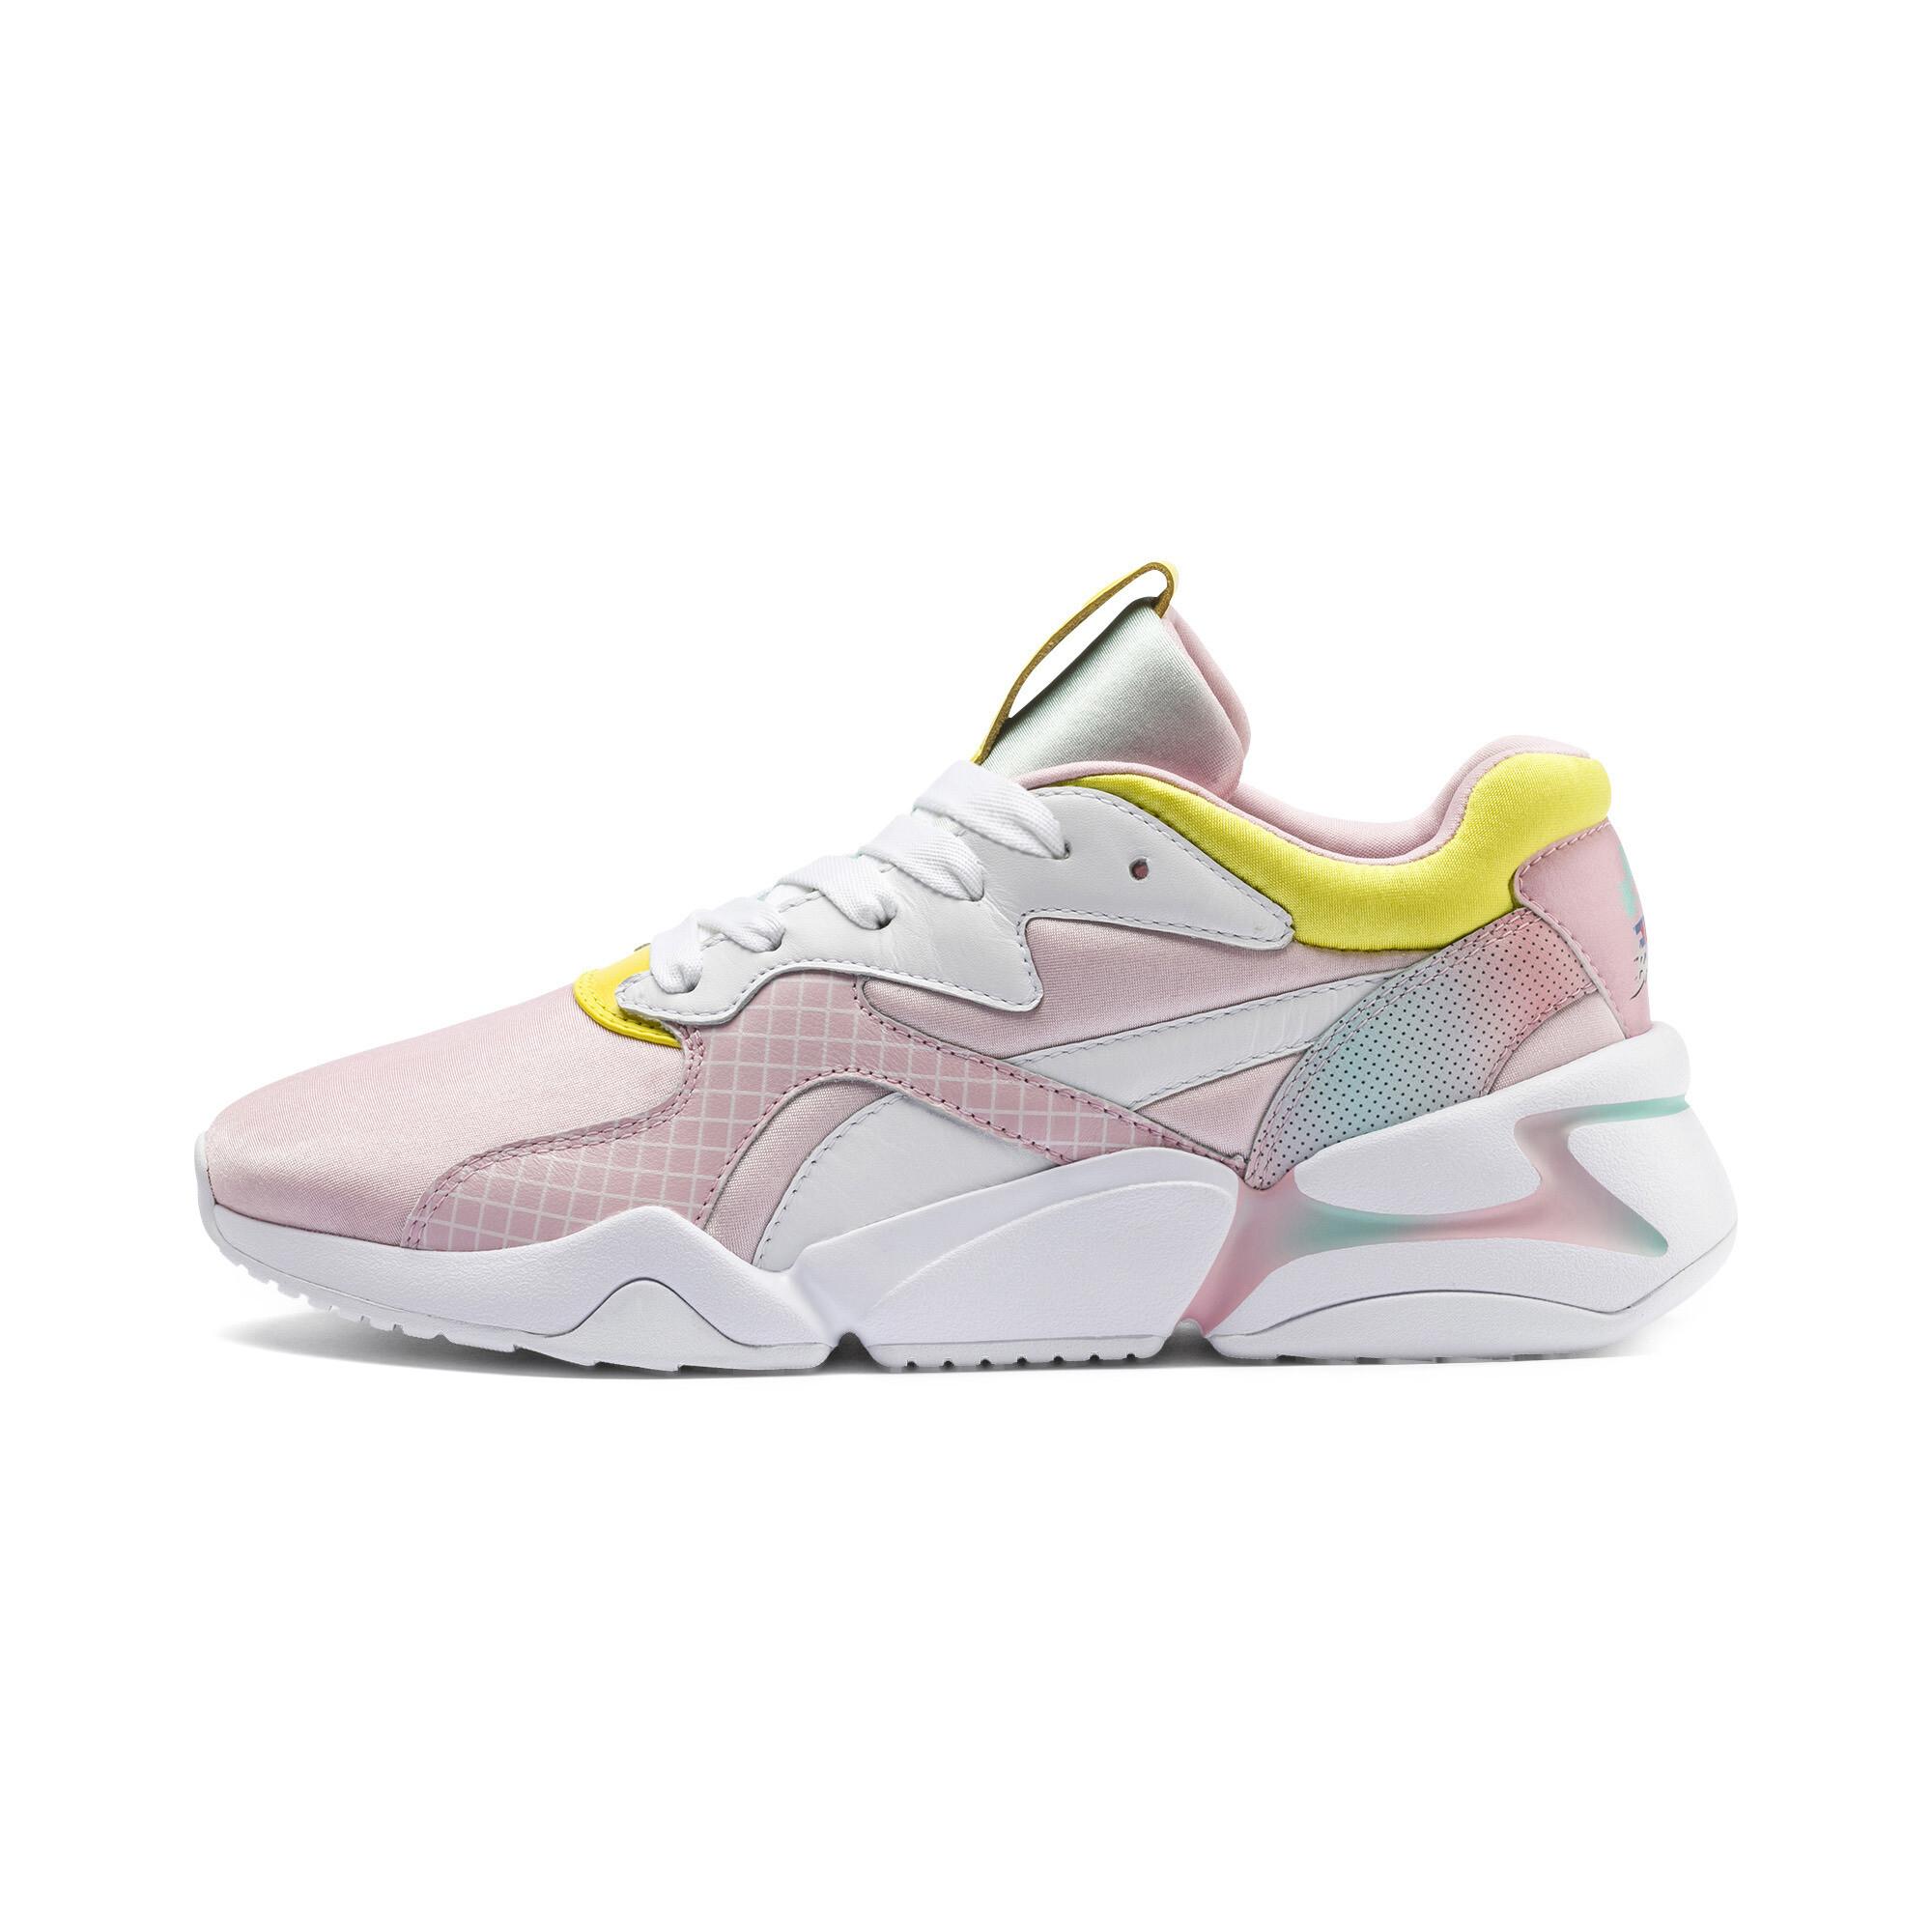 f4eb459b PUMA x BARBIE Nova Sneakers